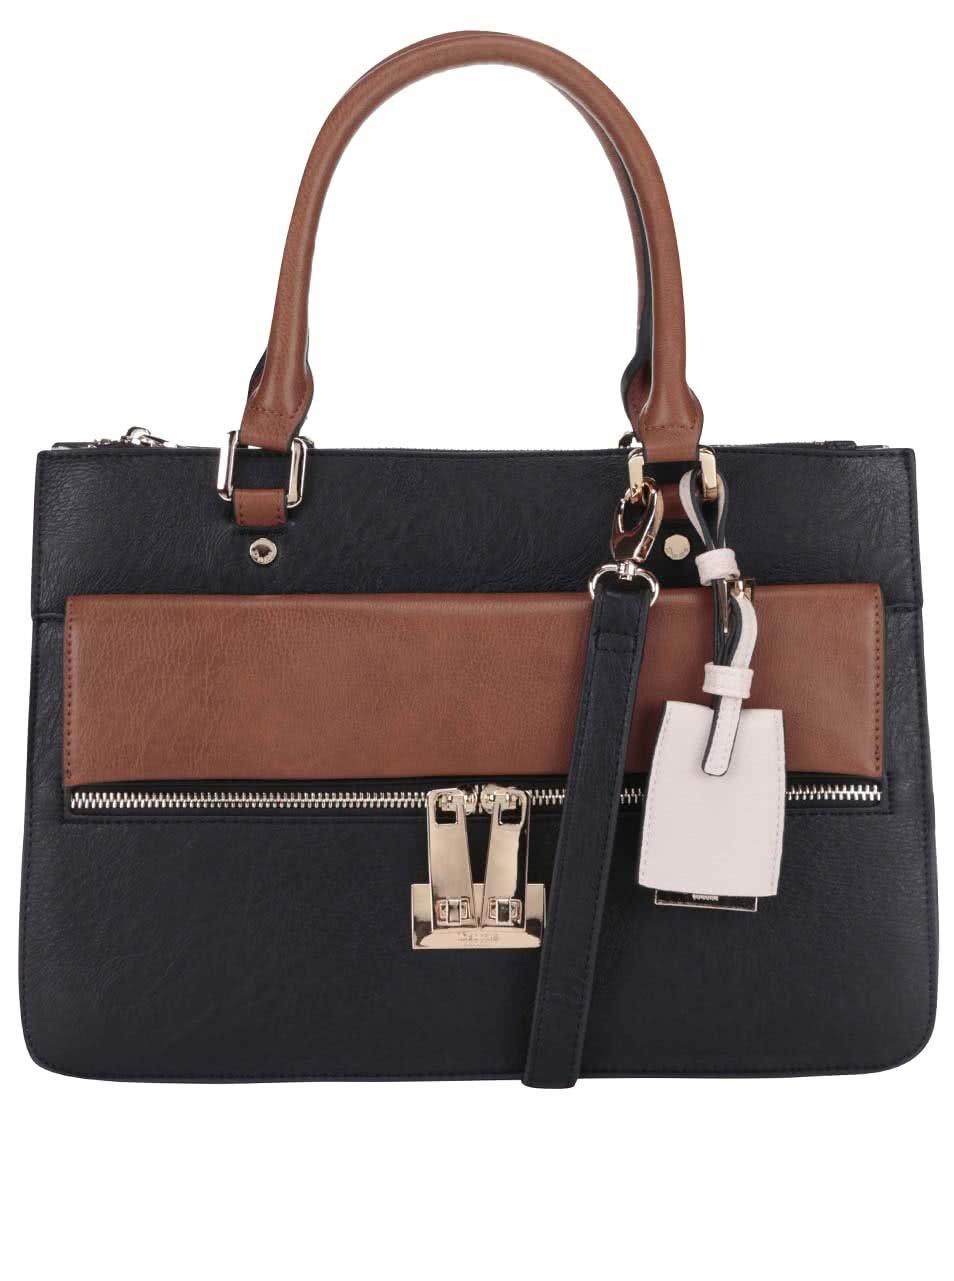 Černá kabelka se zipem a detaily v krémové a hnědé barvě Dune London Dizele